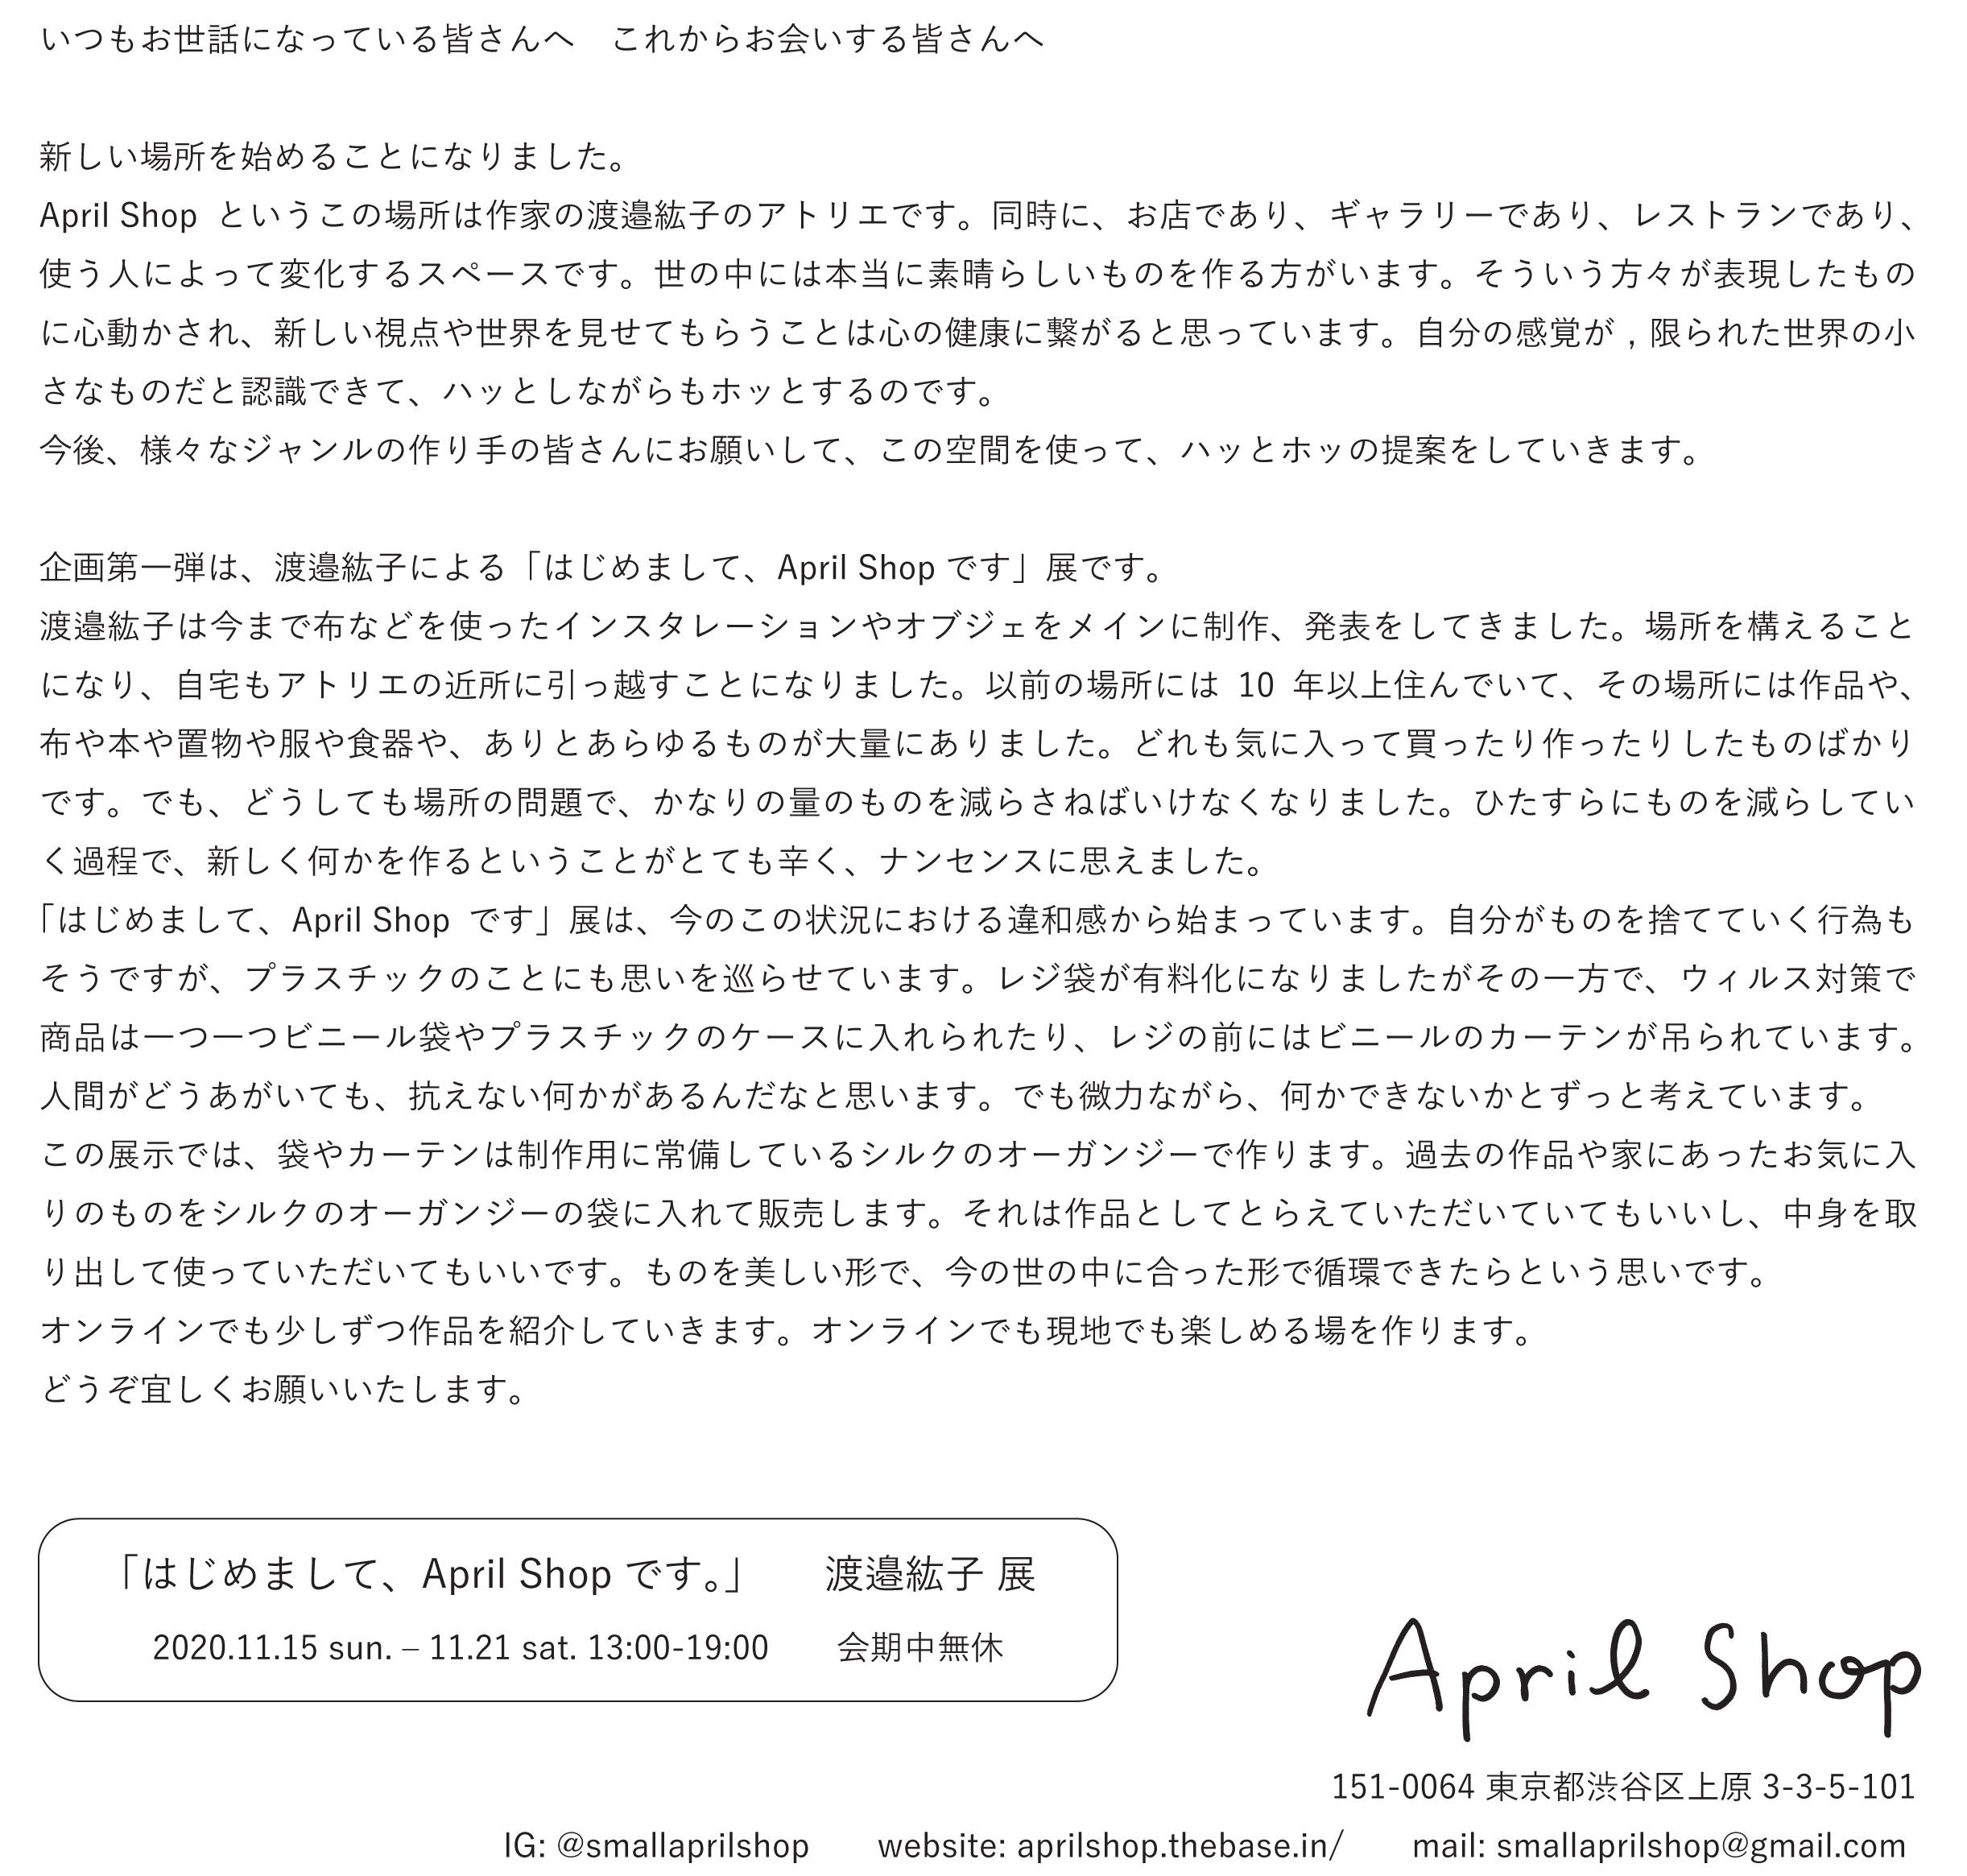 April Shop 11月15日(日)13:00〜 オープン!